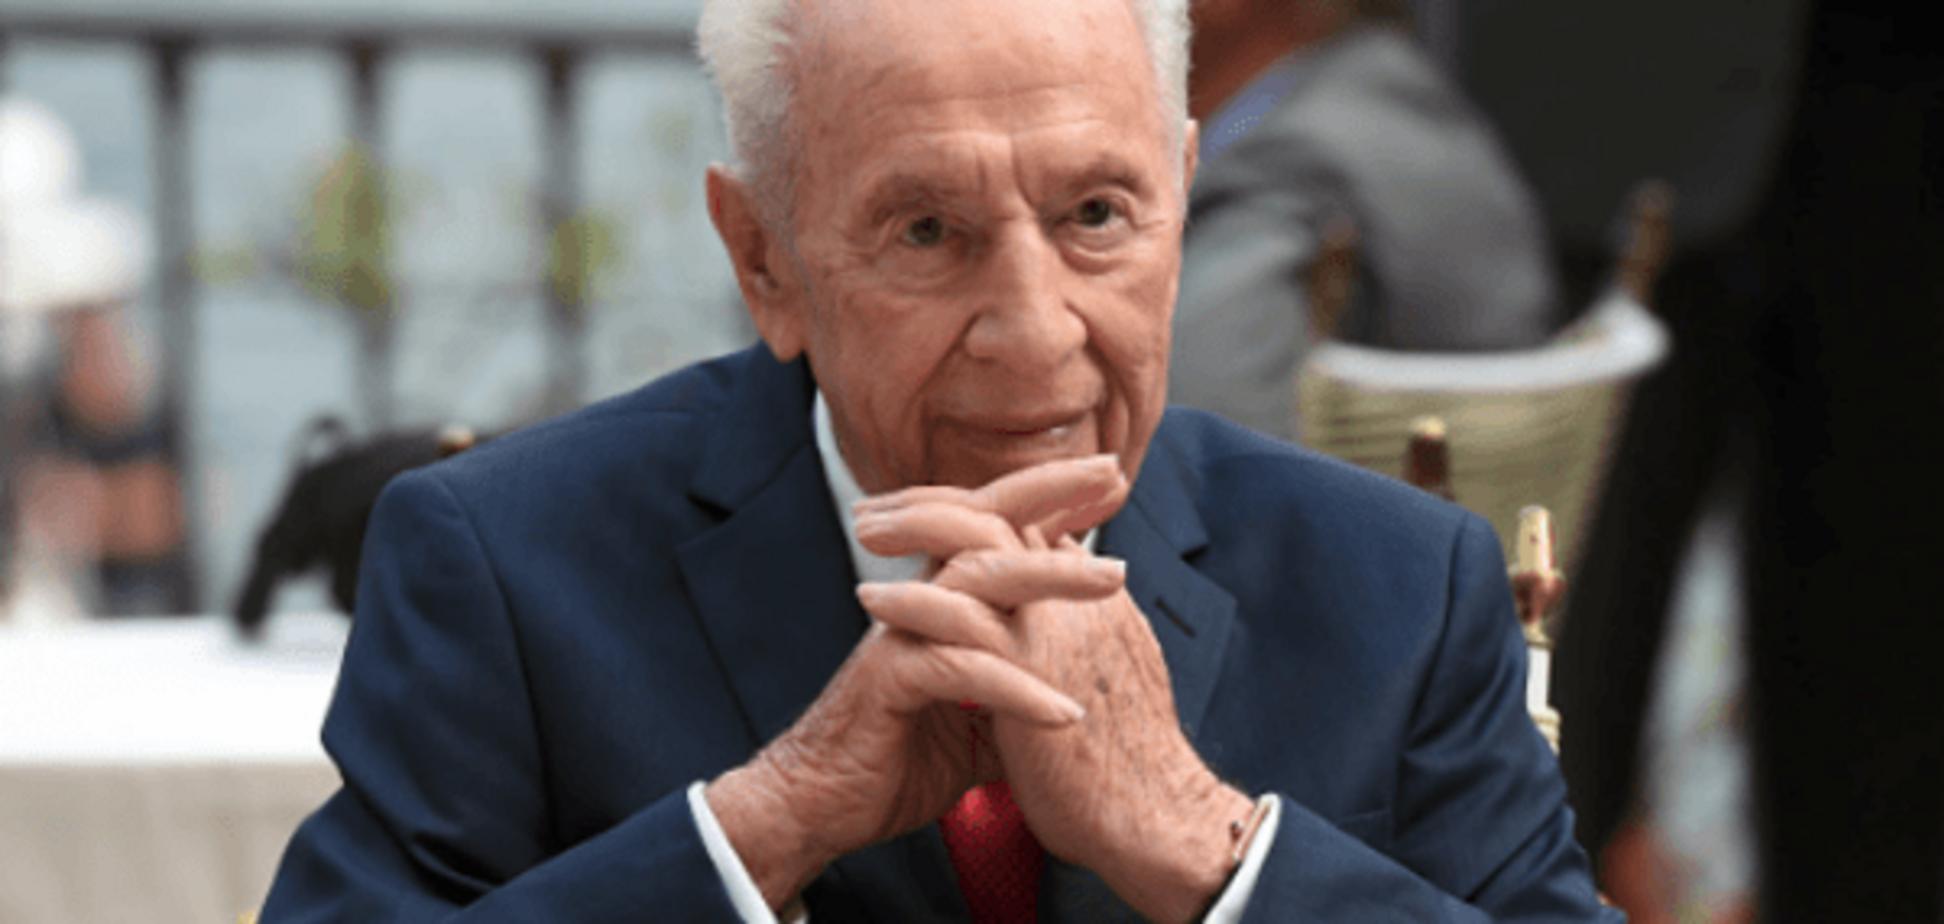 Находится в коме: экс-президента Израиля Переса госпитализировали